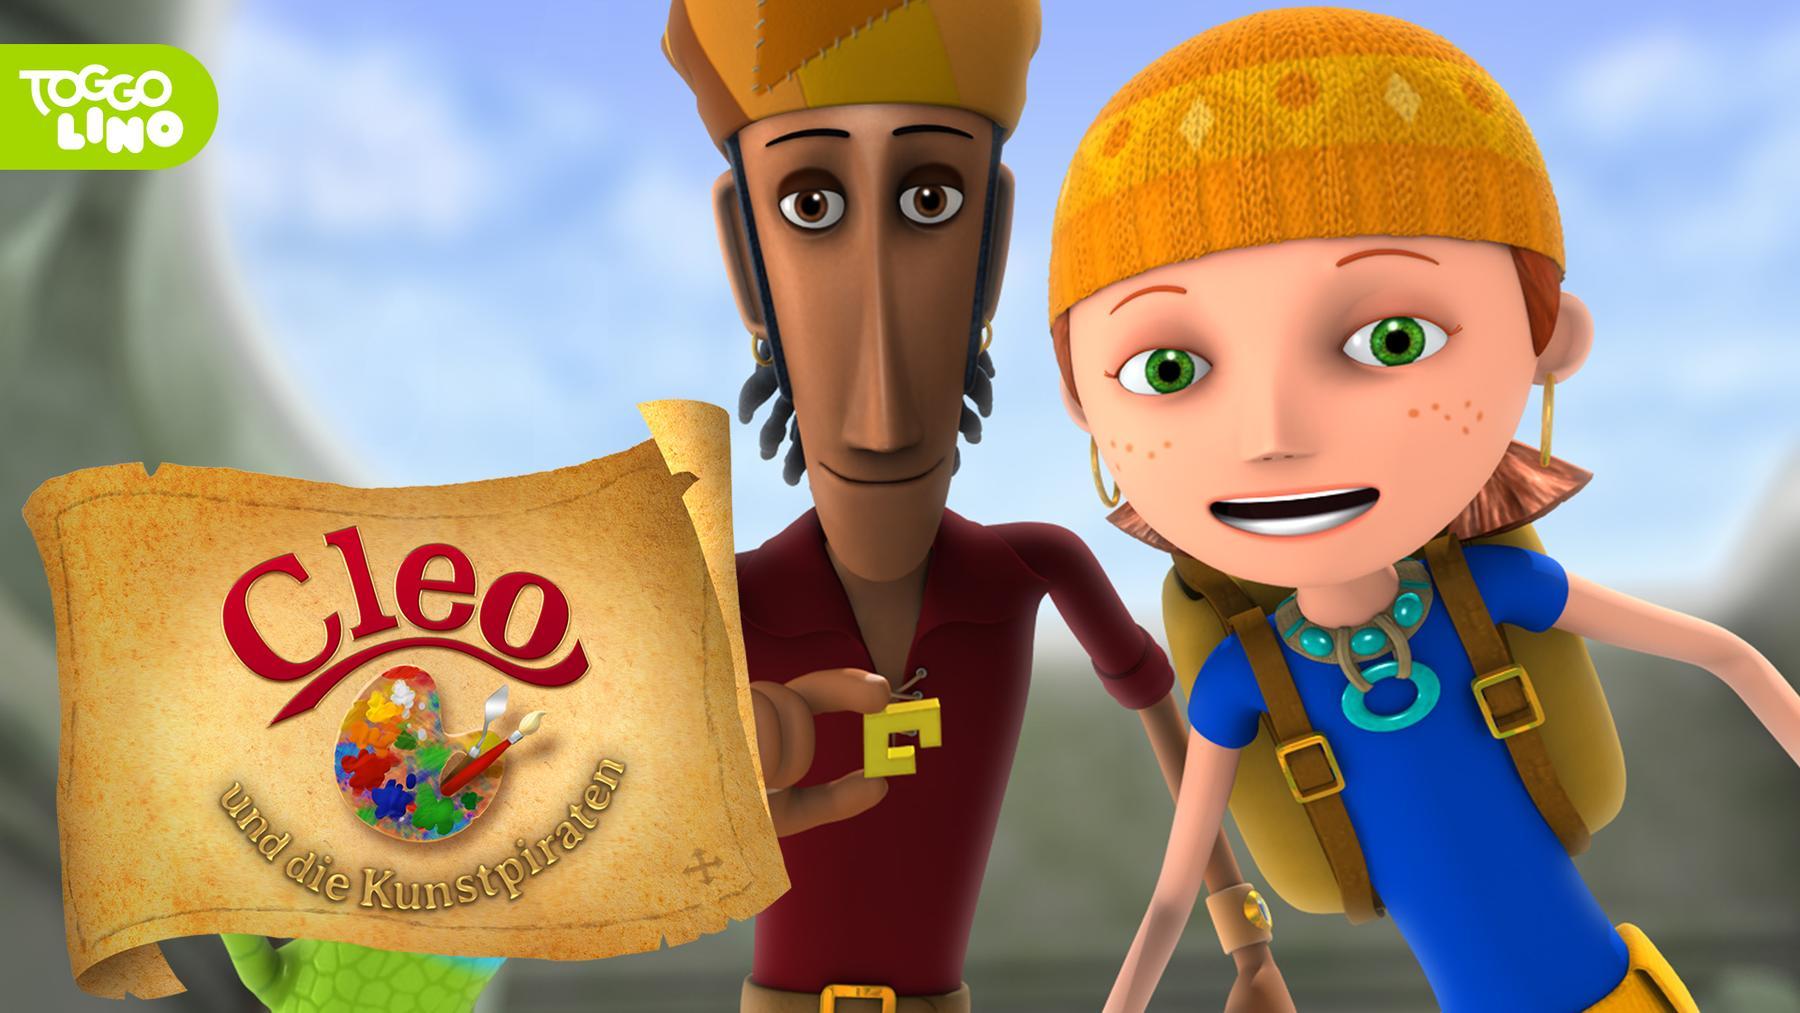 Cleo und die Kunstpiraten